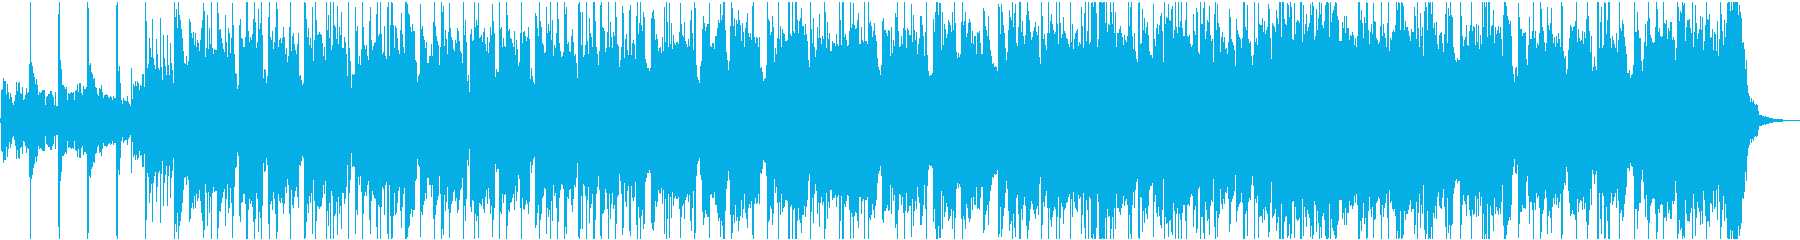 重低音が響くワイルドなロックの再生済みの波形